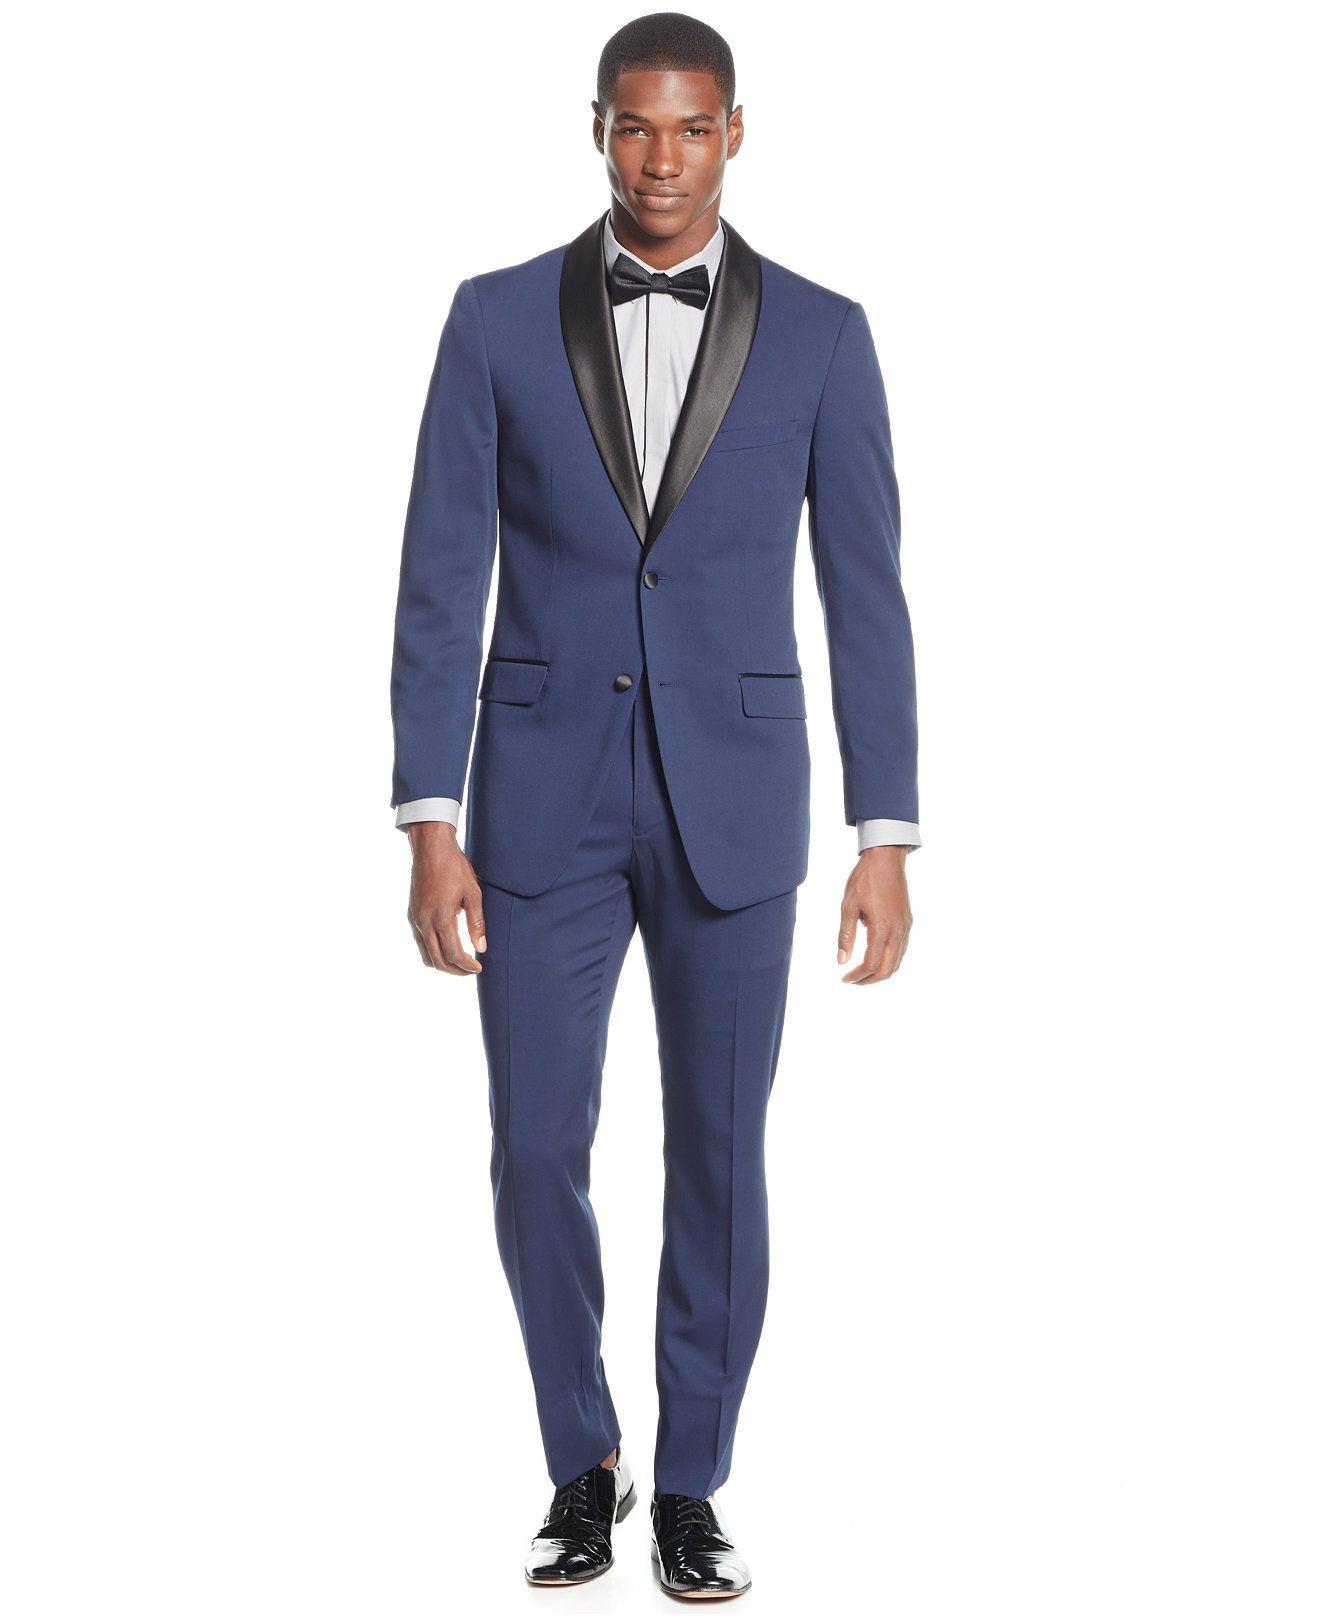 Perry Ellis Portfolio Slim-Fit Solid Navy Tuxedo   Slim fit tuxedo ...